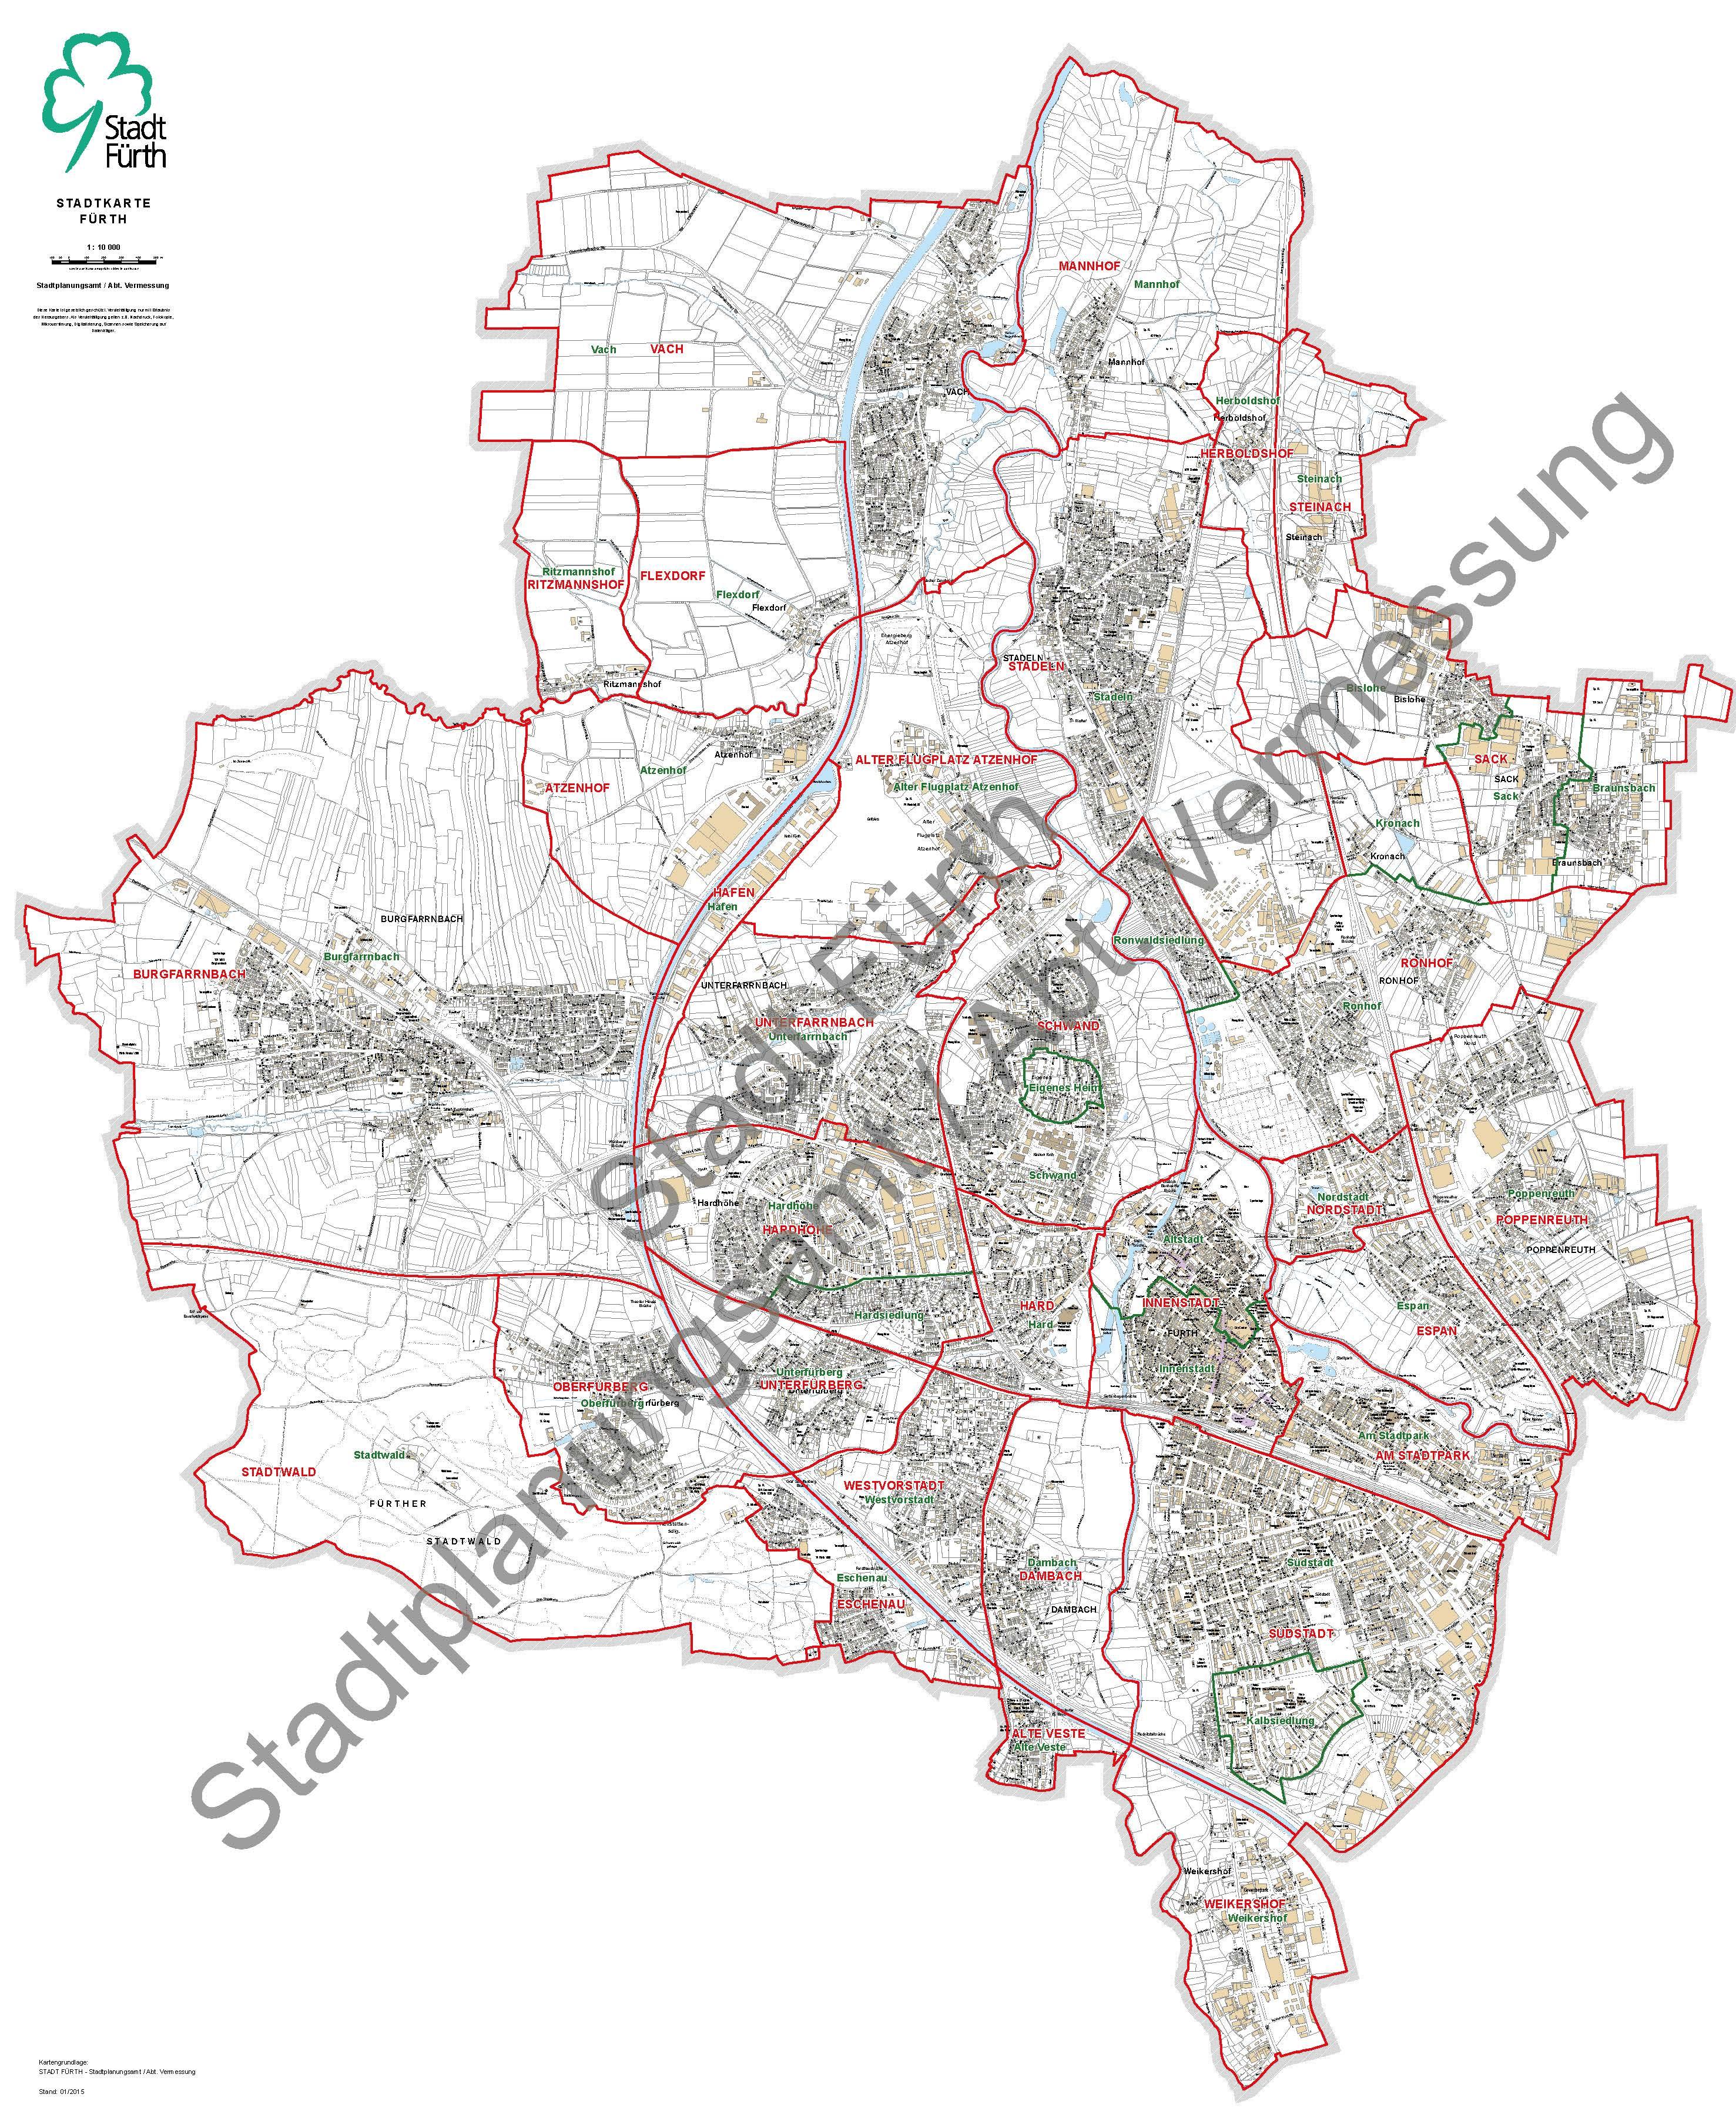 Stadtteilgrenzen Fürth - Stand 2016-02-08 mit Wasserzeichen zur Veröffentlichung